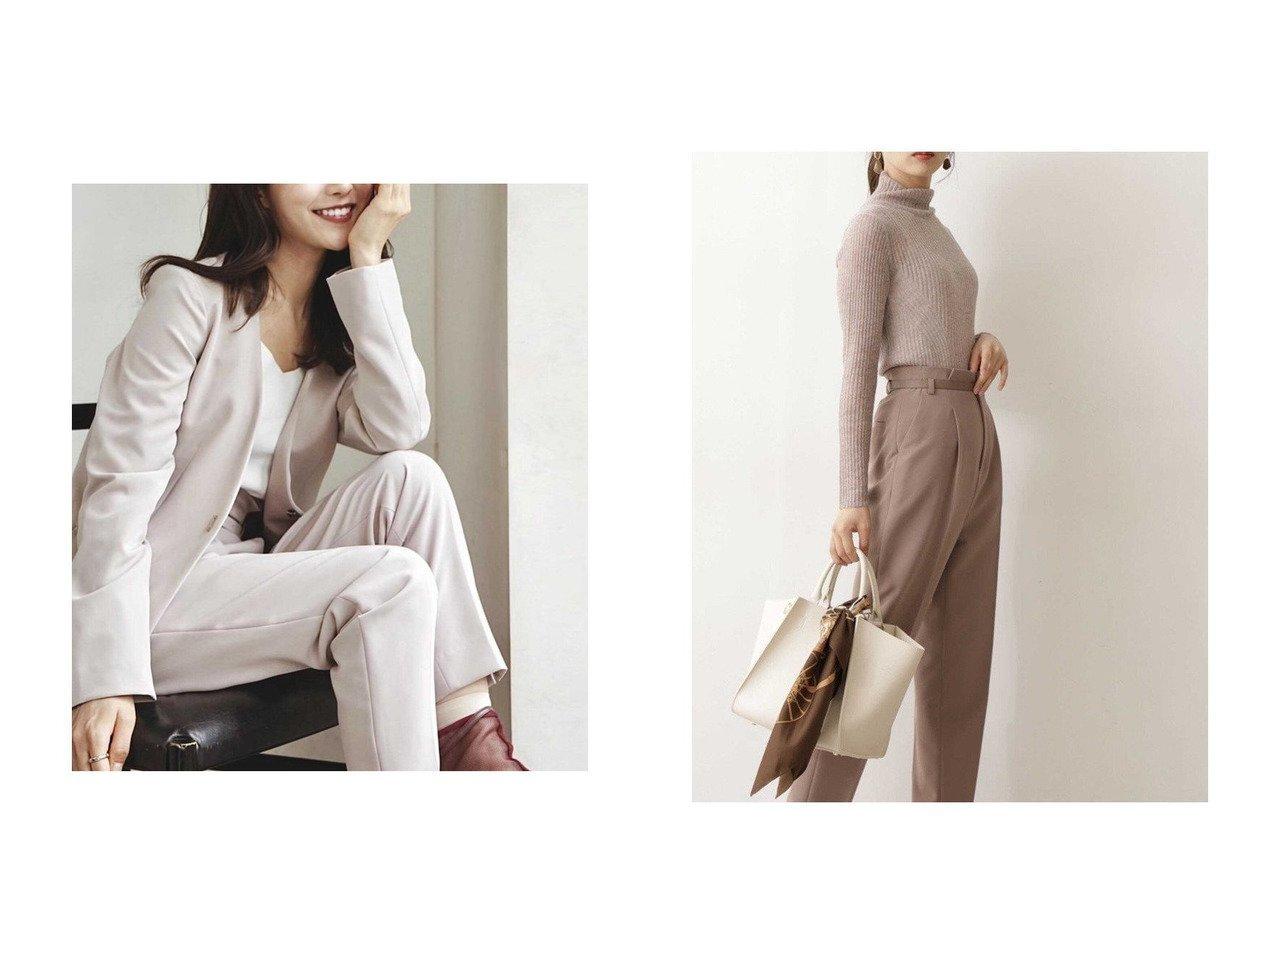 【PROPORTION BODY DRESSING/プロポーション ボディドレッシング】の《セットアップ対応》テーパードパンツ パンツのおすすめ!人気、トレンド・レディースファッションの通販 おすすめで人気の流行・トレンド、ファッションの通販商品 メンズファッション・キッズファッション・インテリア・家具・レディースファッション・服の通販 founy(ファニー) https://founy.com/ ファッション Fashion レディースファッション WOMEN セットアップ Setup パンツ Pants ジーンズ スリット セットアップ センター 定番 Standard |ID:crp329100000013375